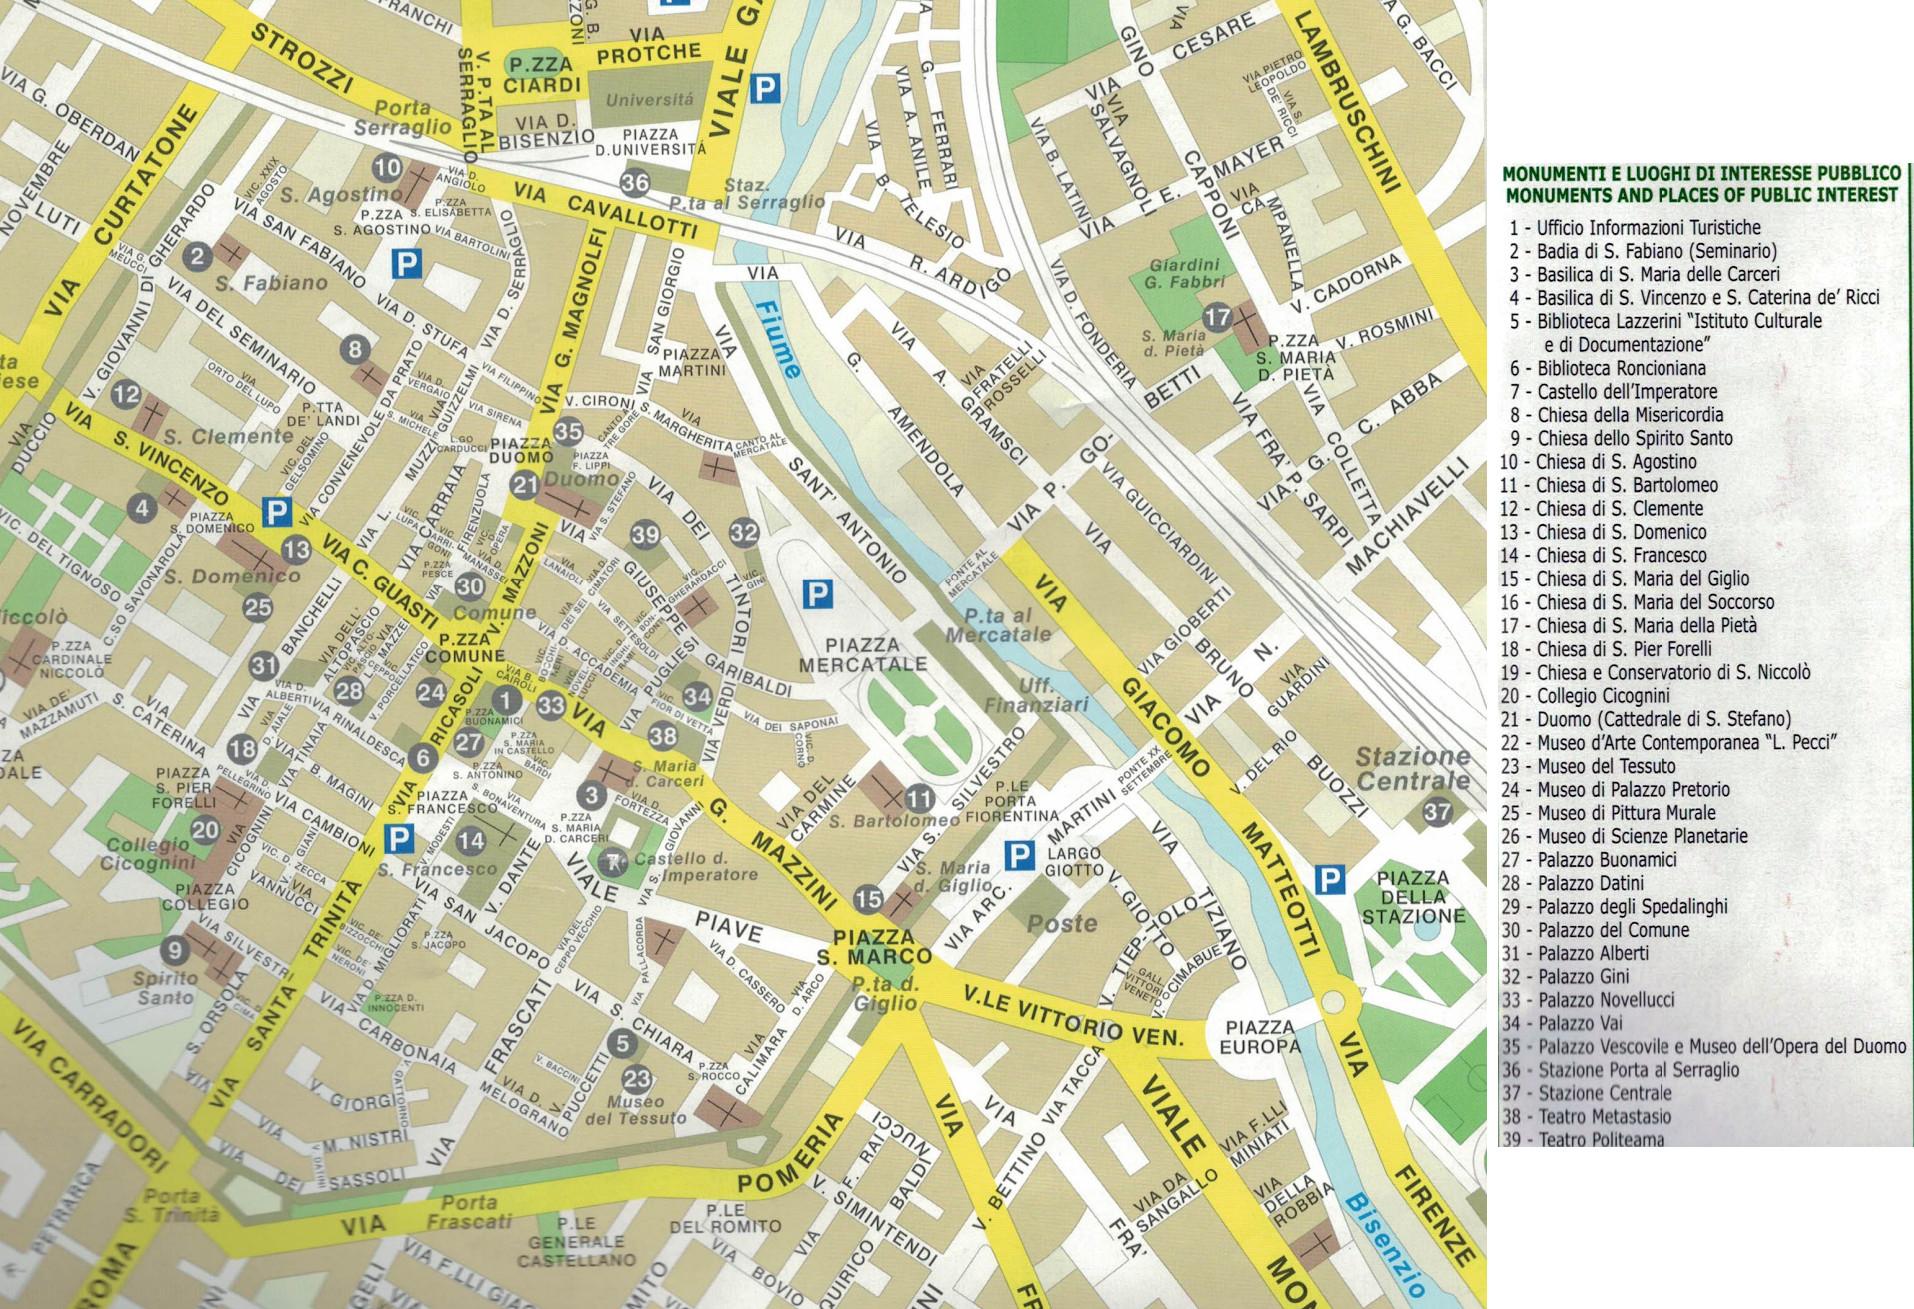 Cartina Di Venezia E Dintorni.Cartina Della Citta Di Prato